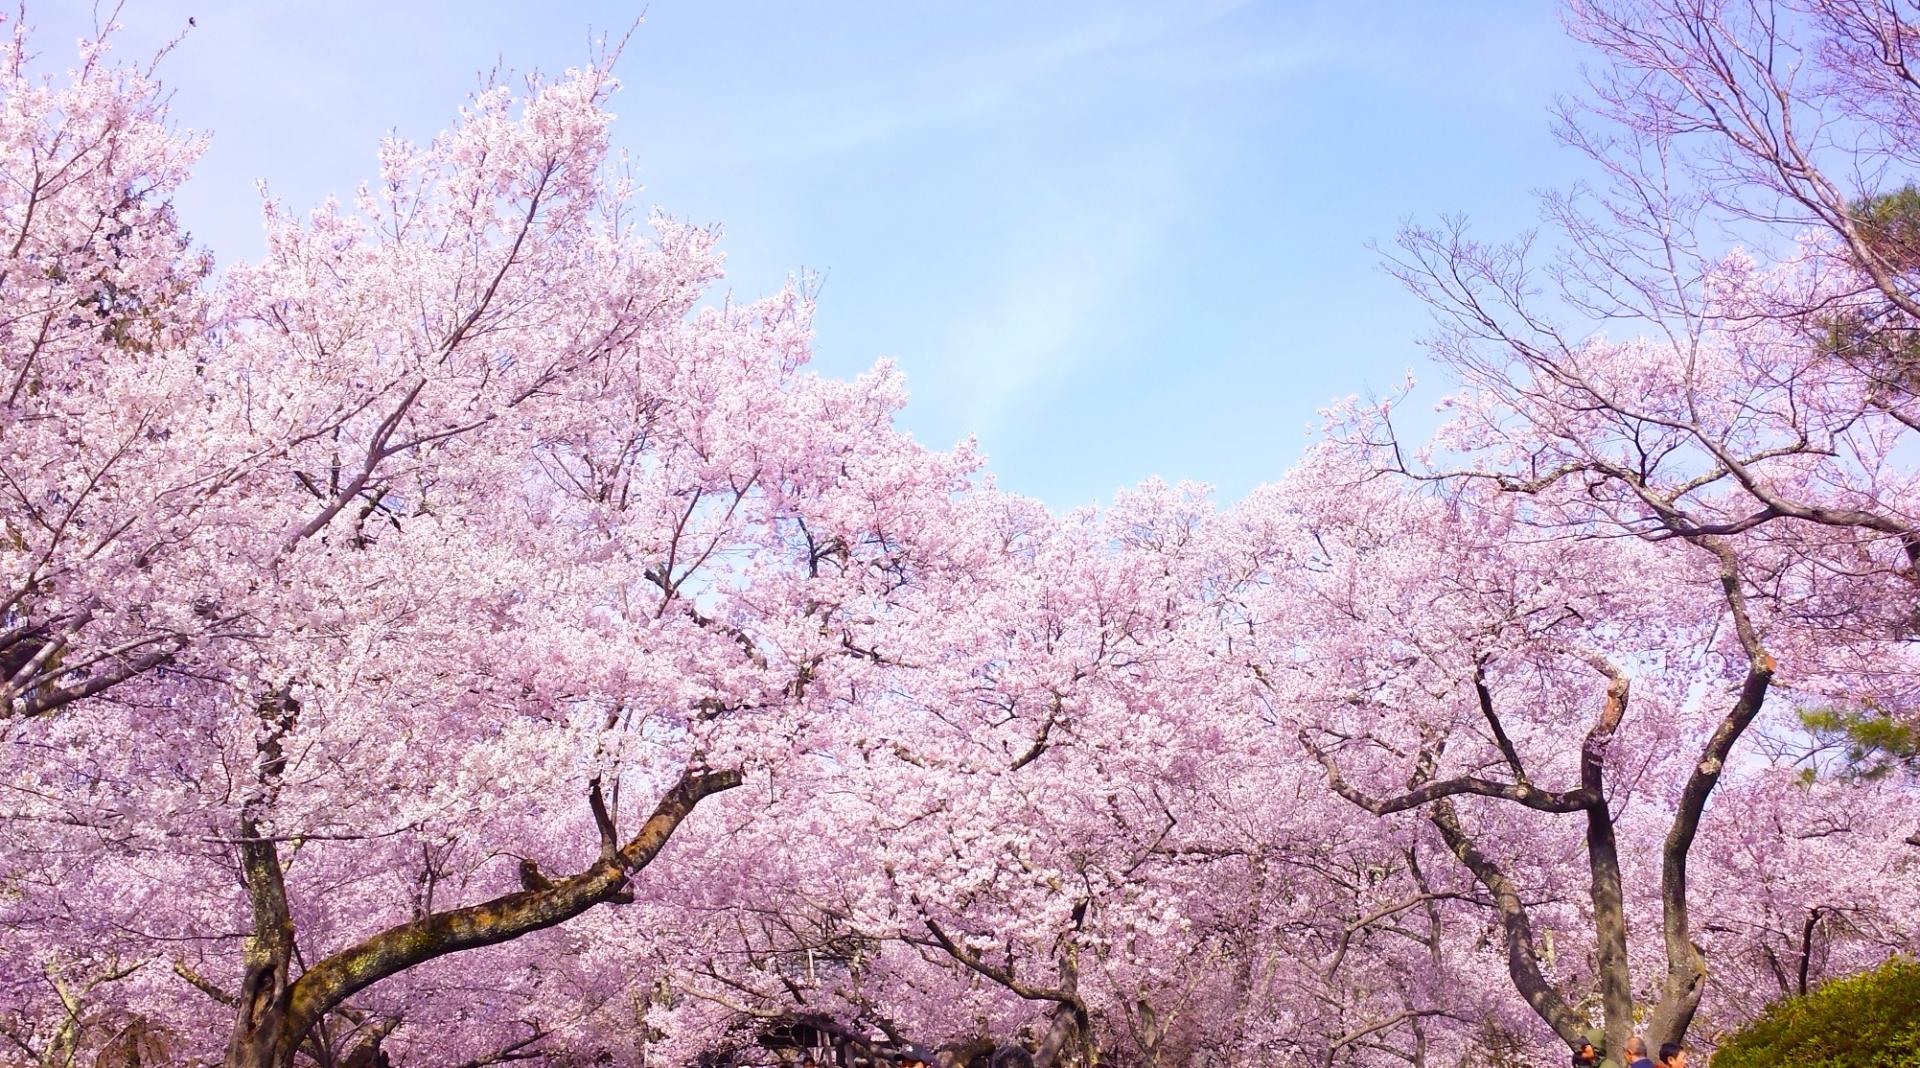 お花見向けの便利グッズおすすめ31選【2020年版】